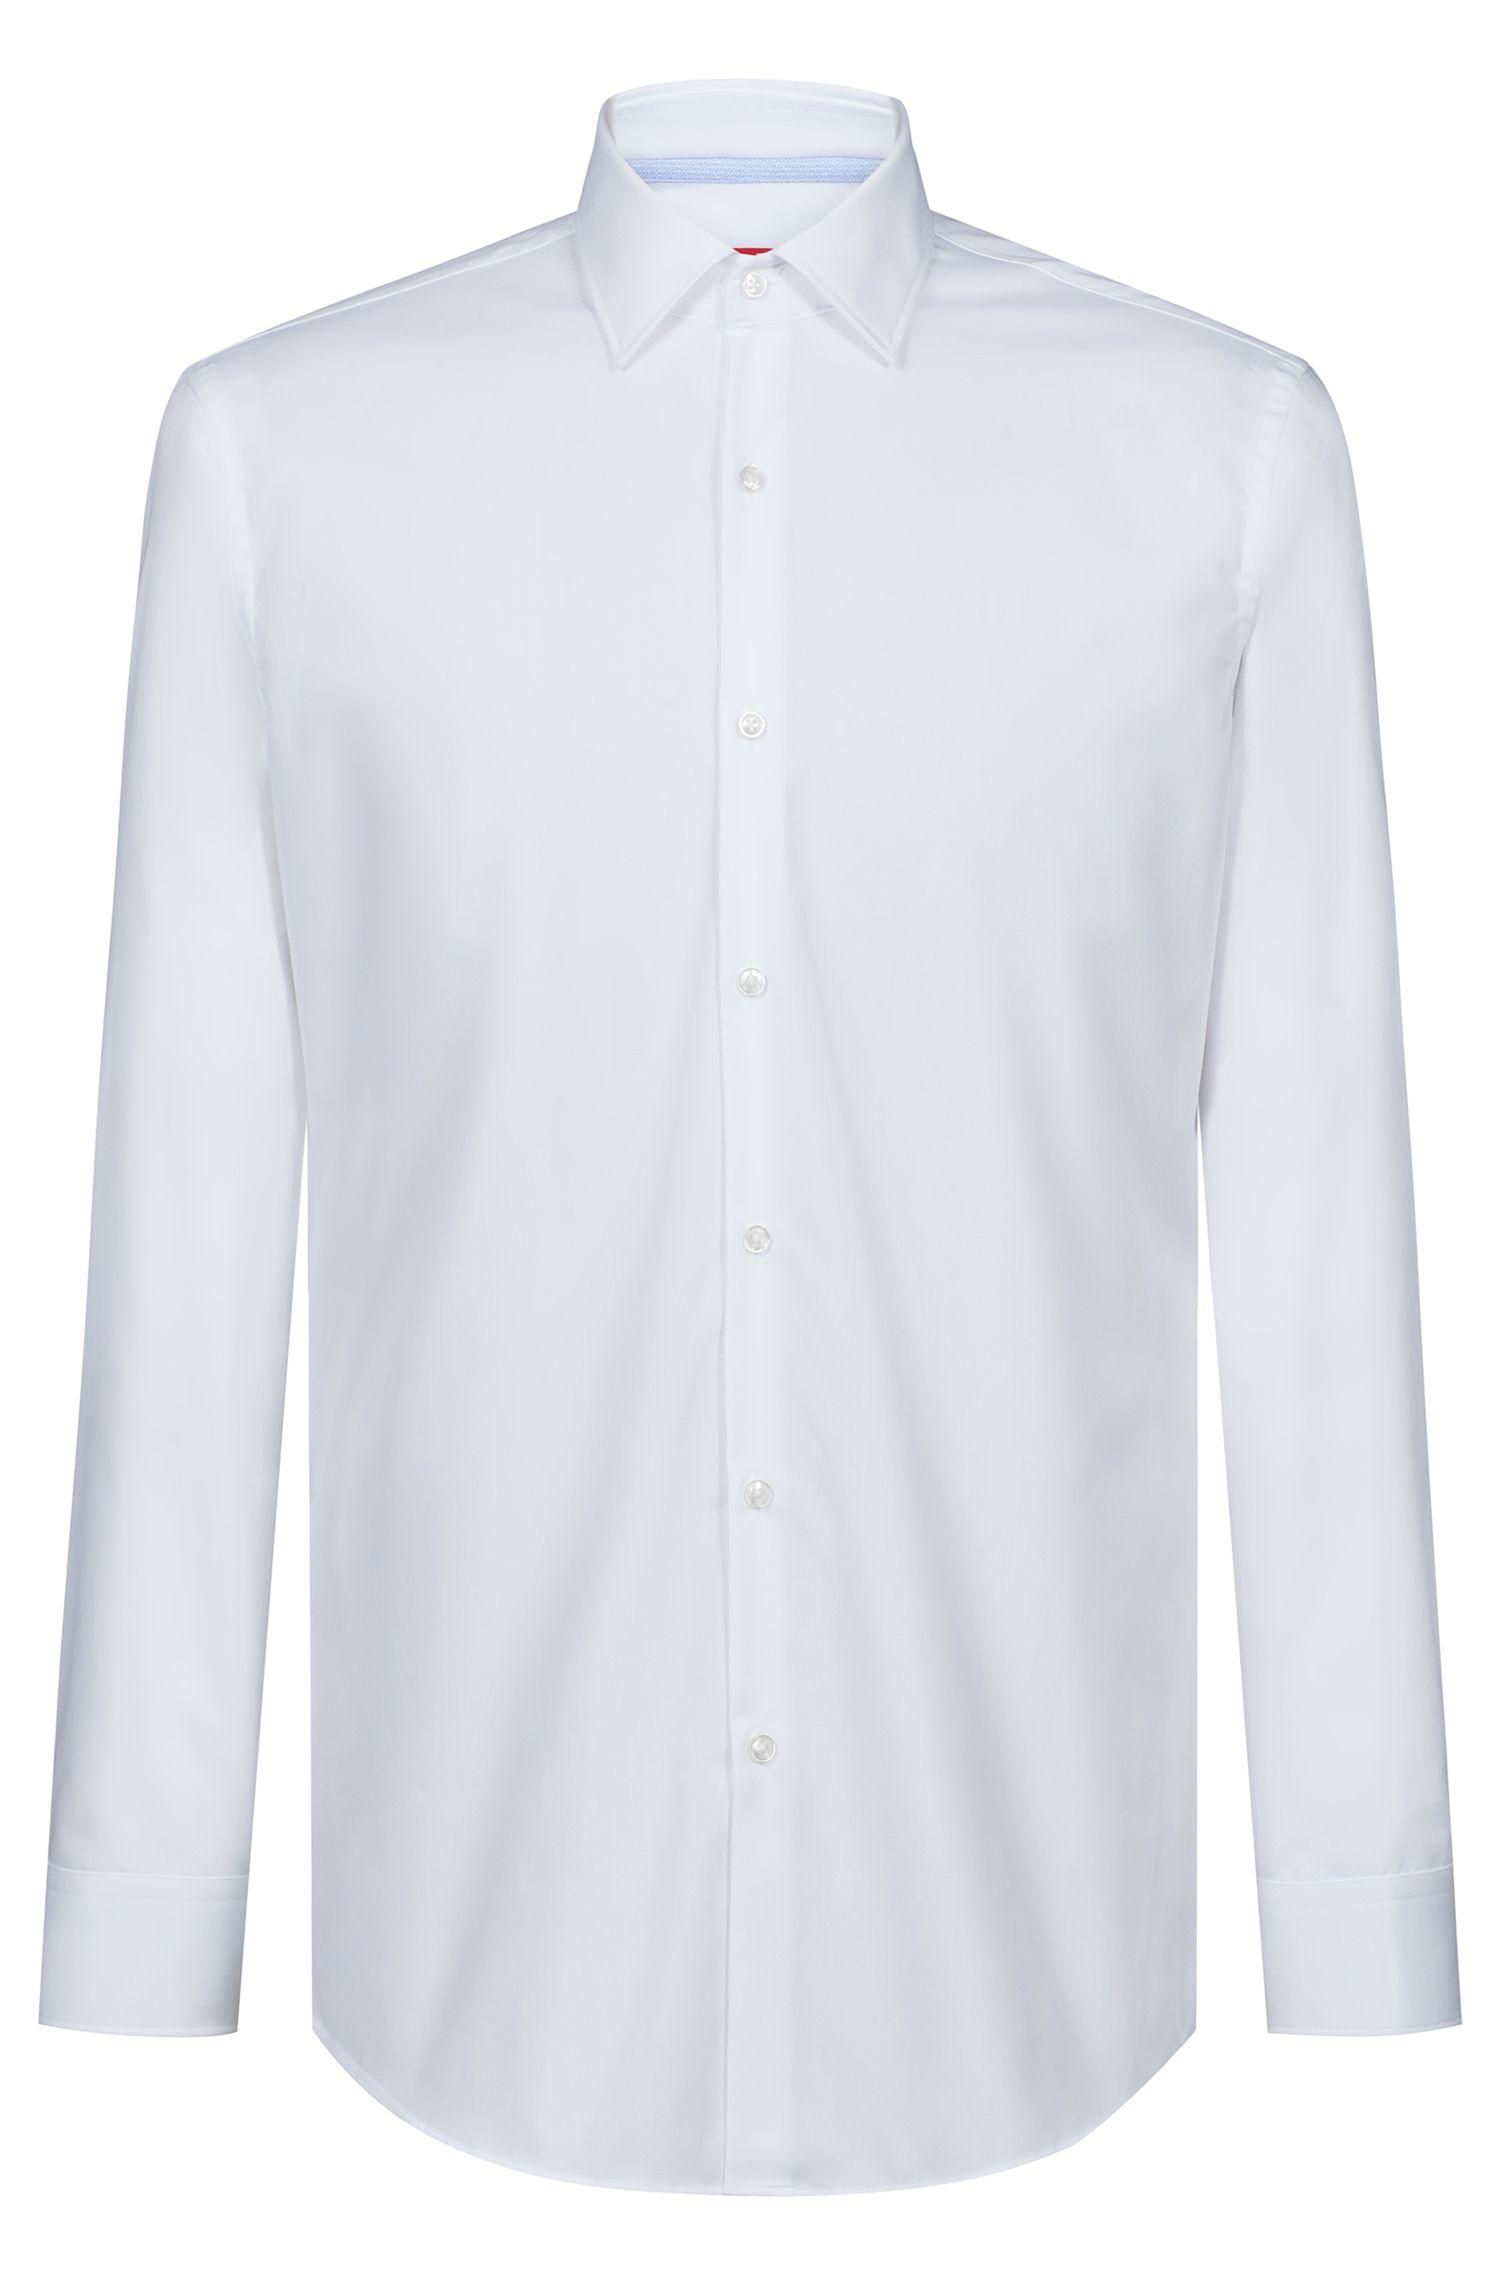 Slim-Fit Hemd aus Baumwolle mit kontrastfarbenem Logo-Band innen, Weiß